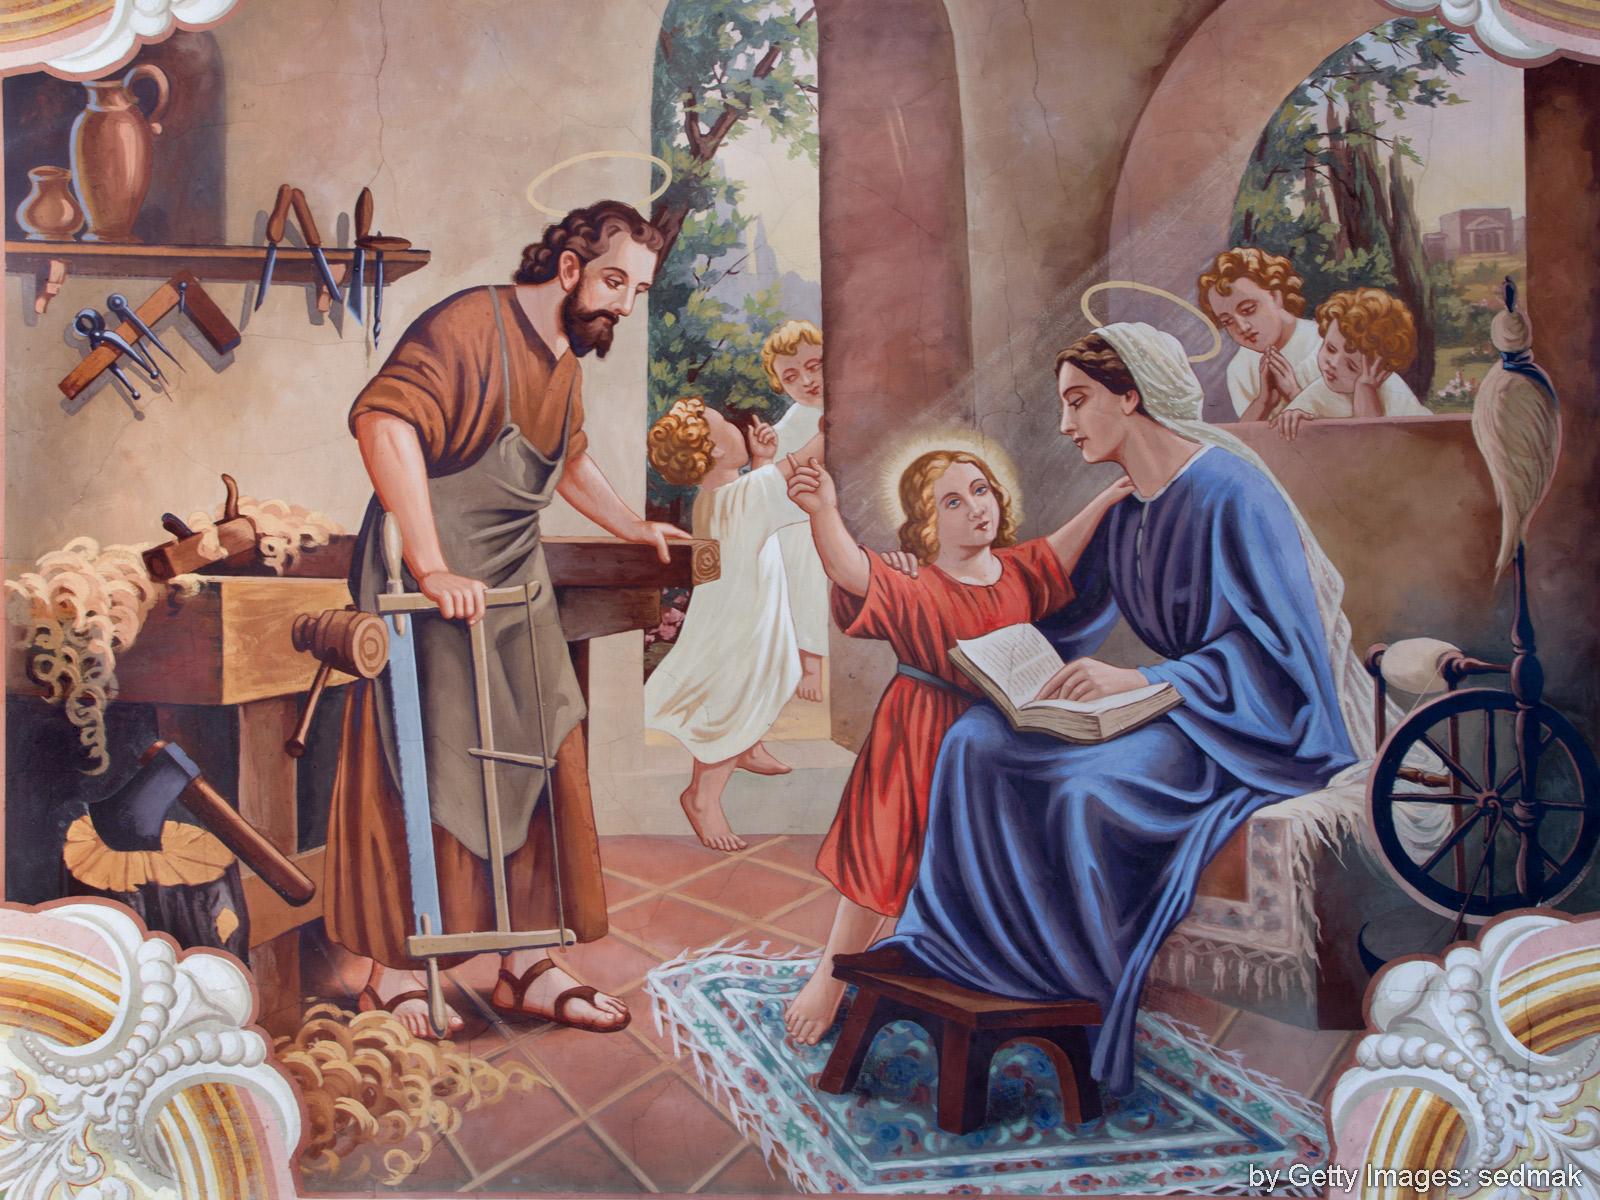 Celebremos a festa da Sagrada Família de Nazaré